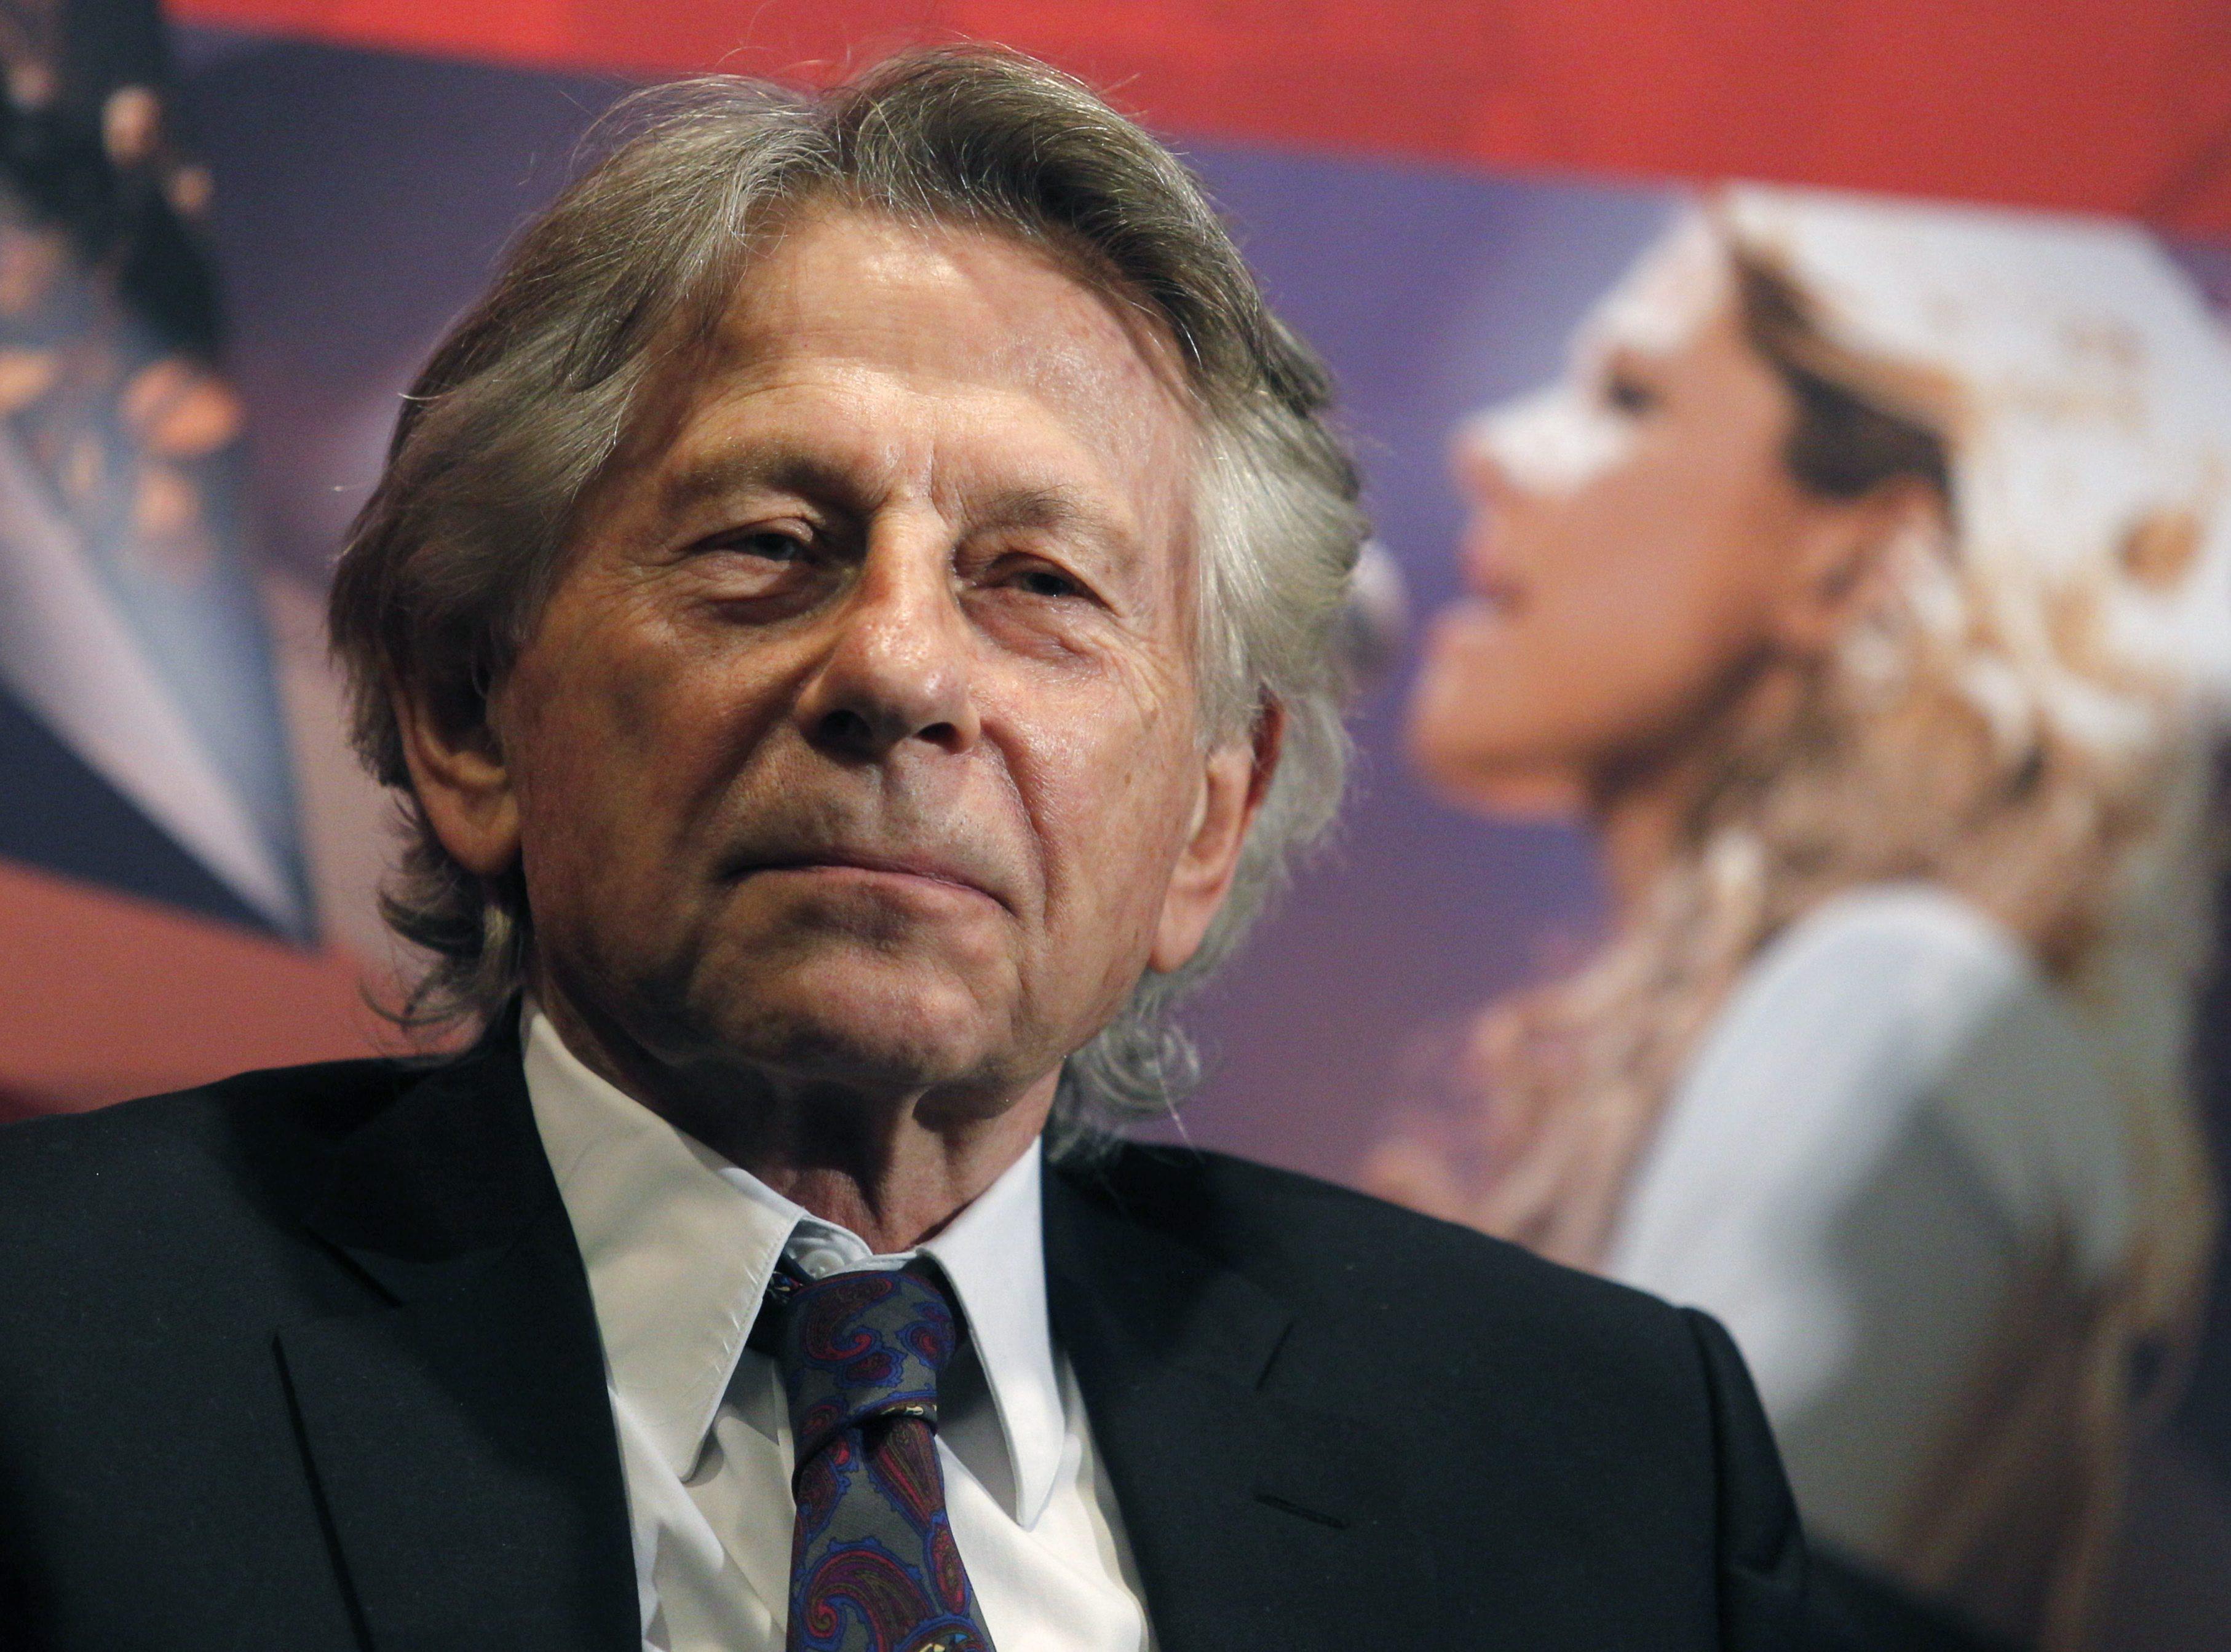 """Depois de polémica, Roman Polanski desiste de presidir aos """"Óscares franceses"""""""